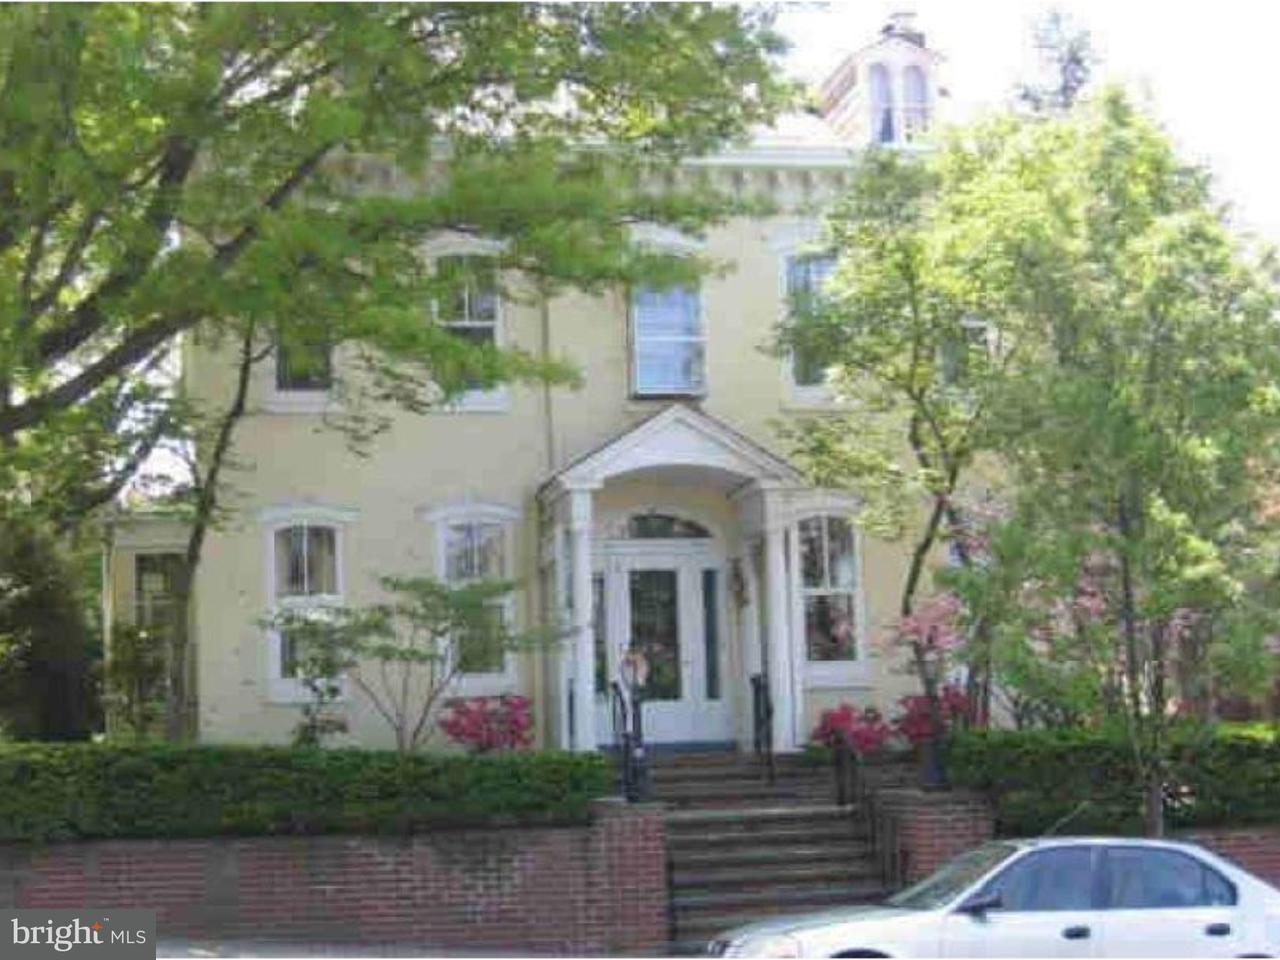 Single Family Home for Sale at 207 E MAIN Street Ephrata, Pennsylvania 17522 United States